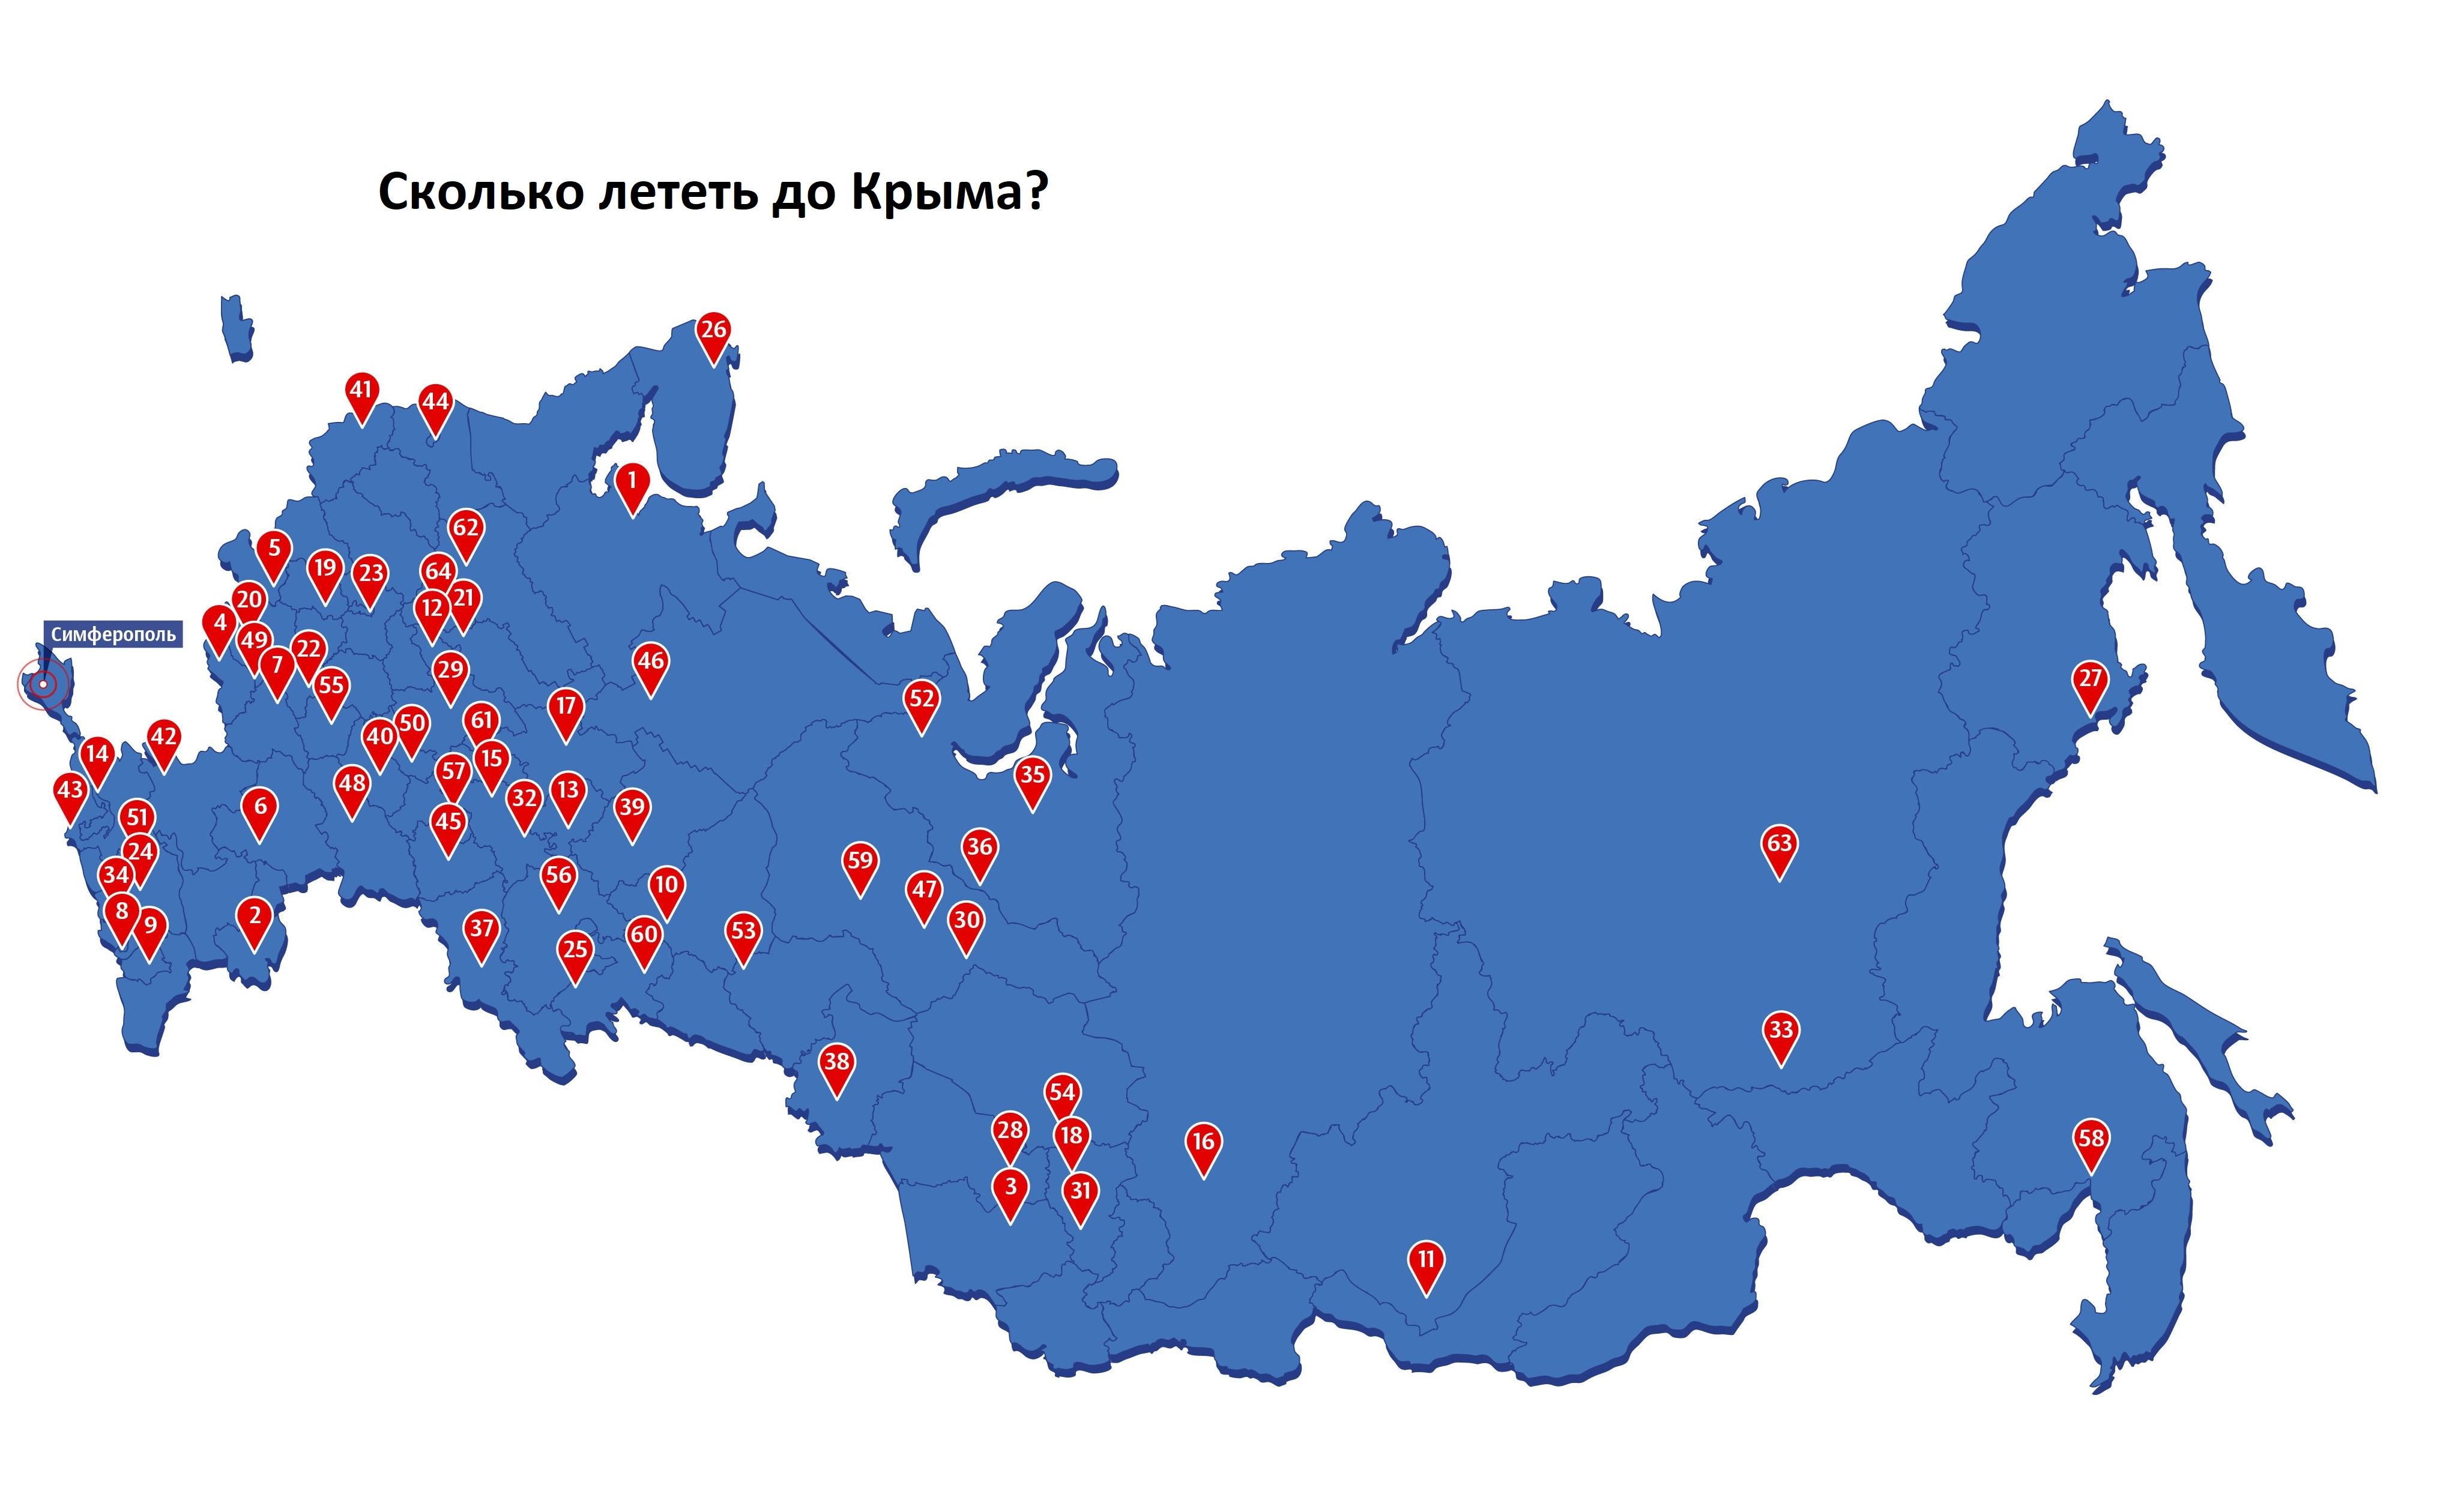 Сколько лететь до Крыма?